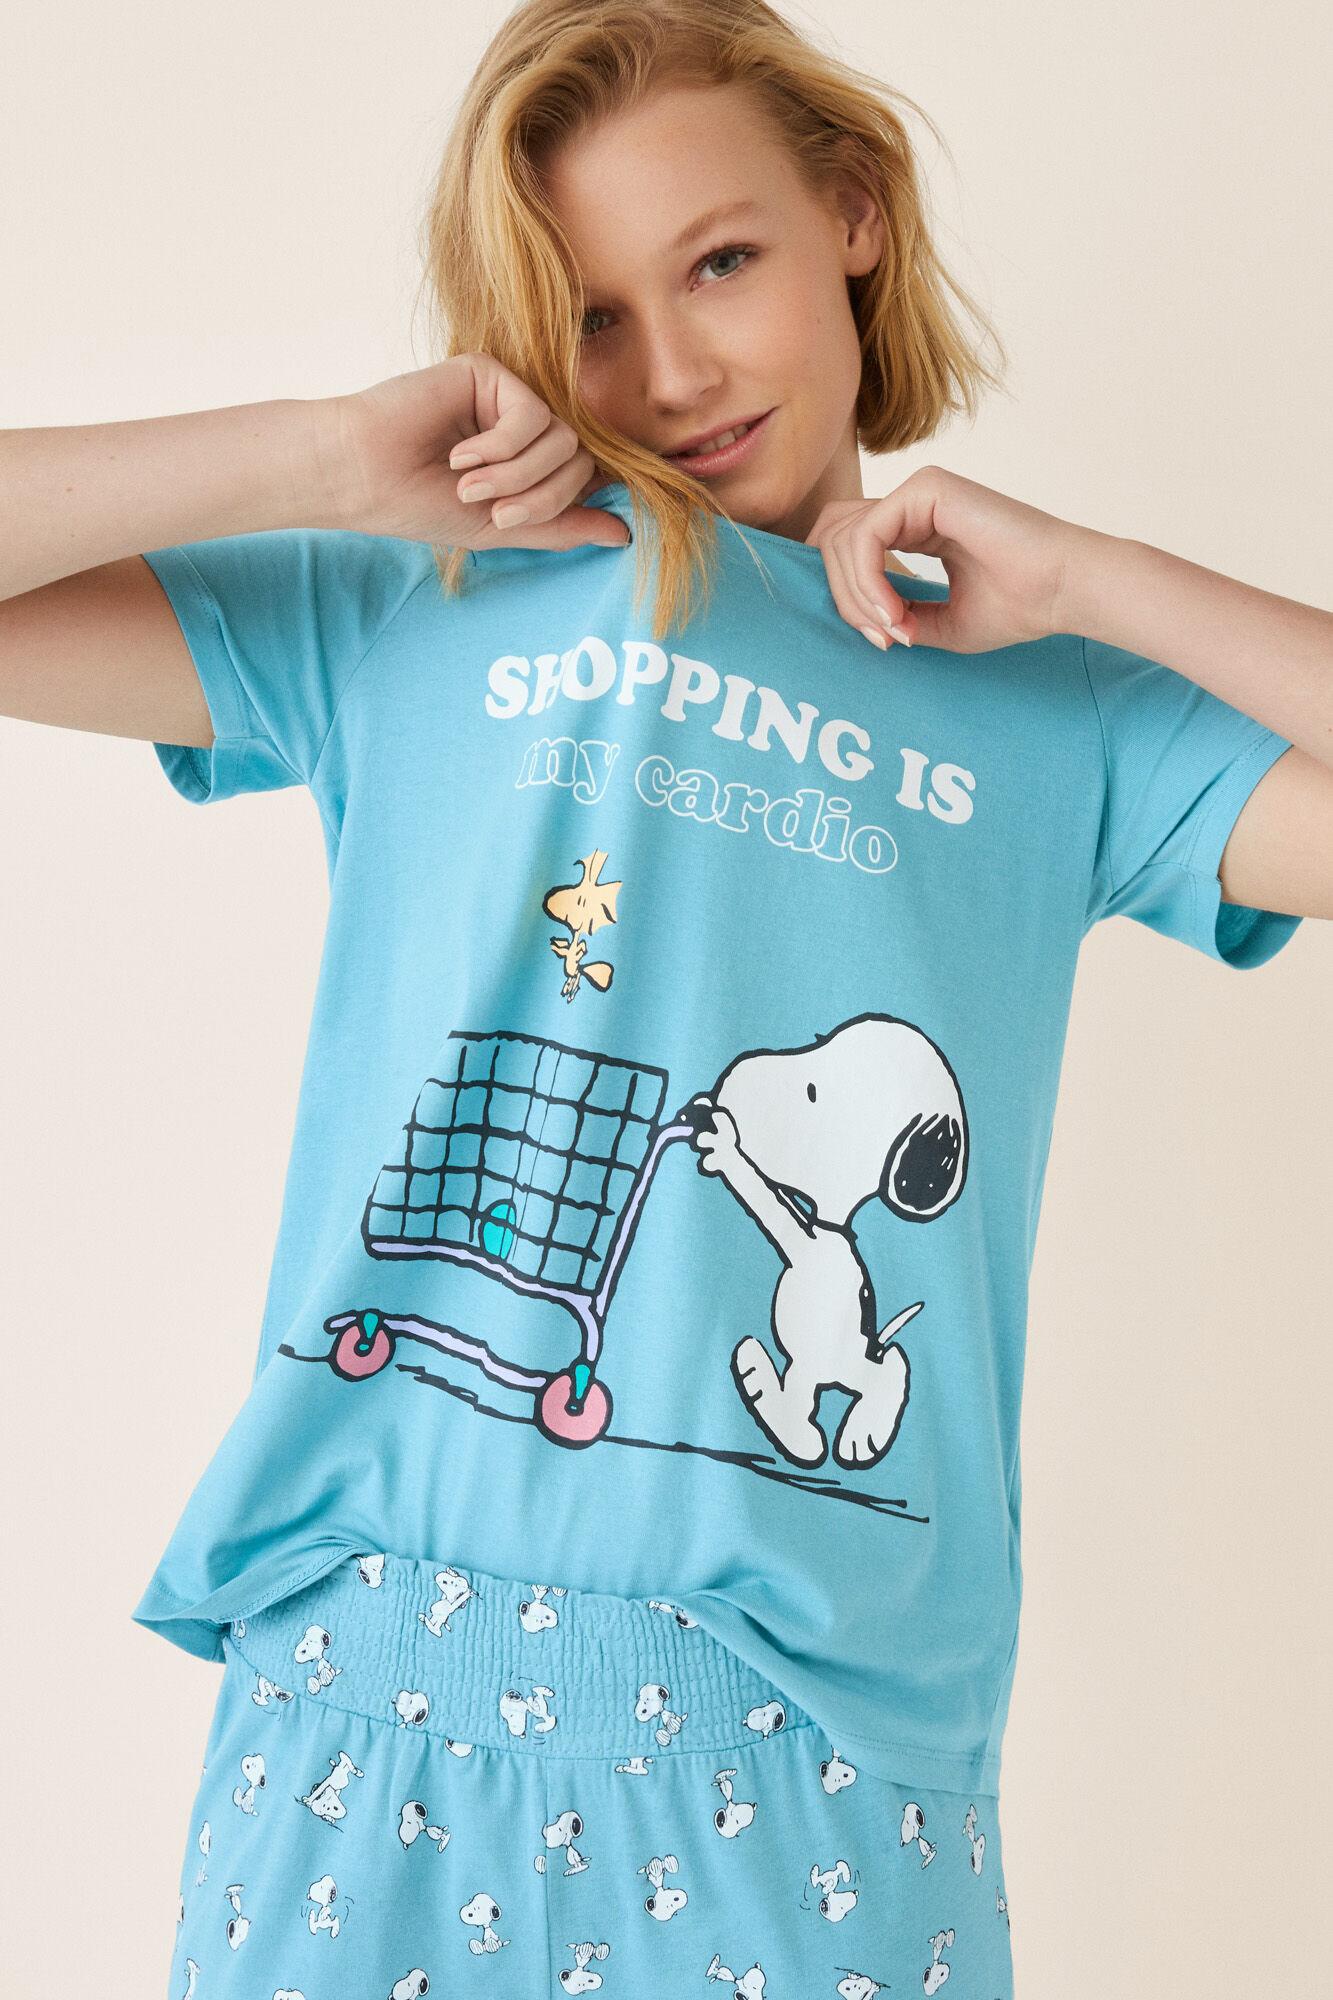 b3fef9f4a Pijama manga corta Snoopy Shopping